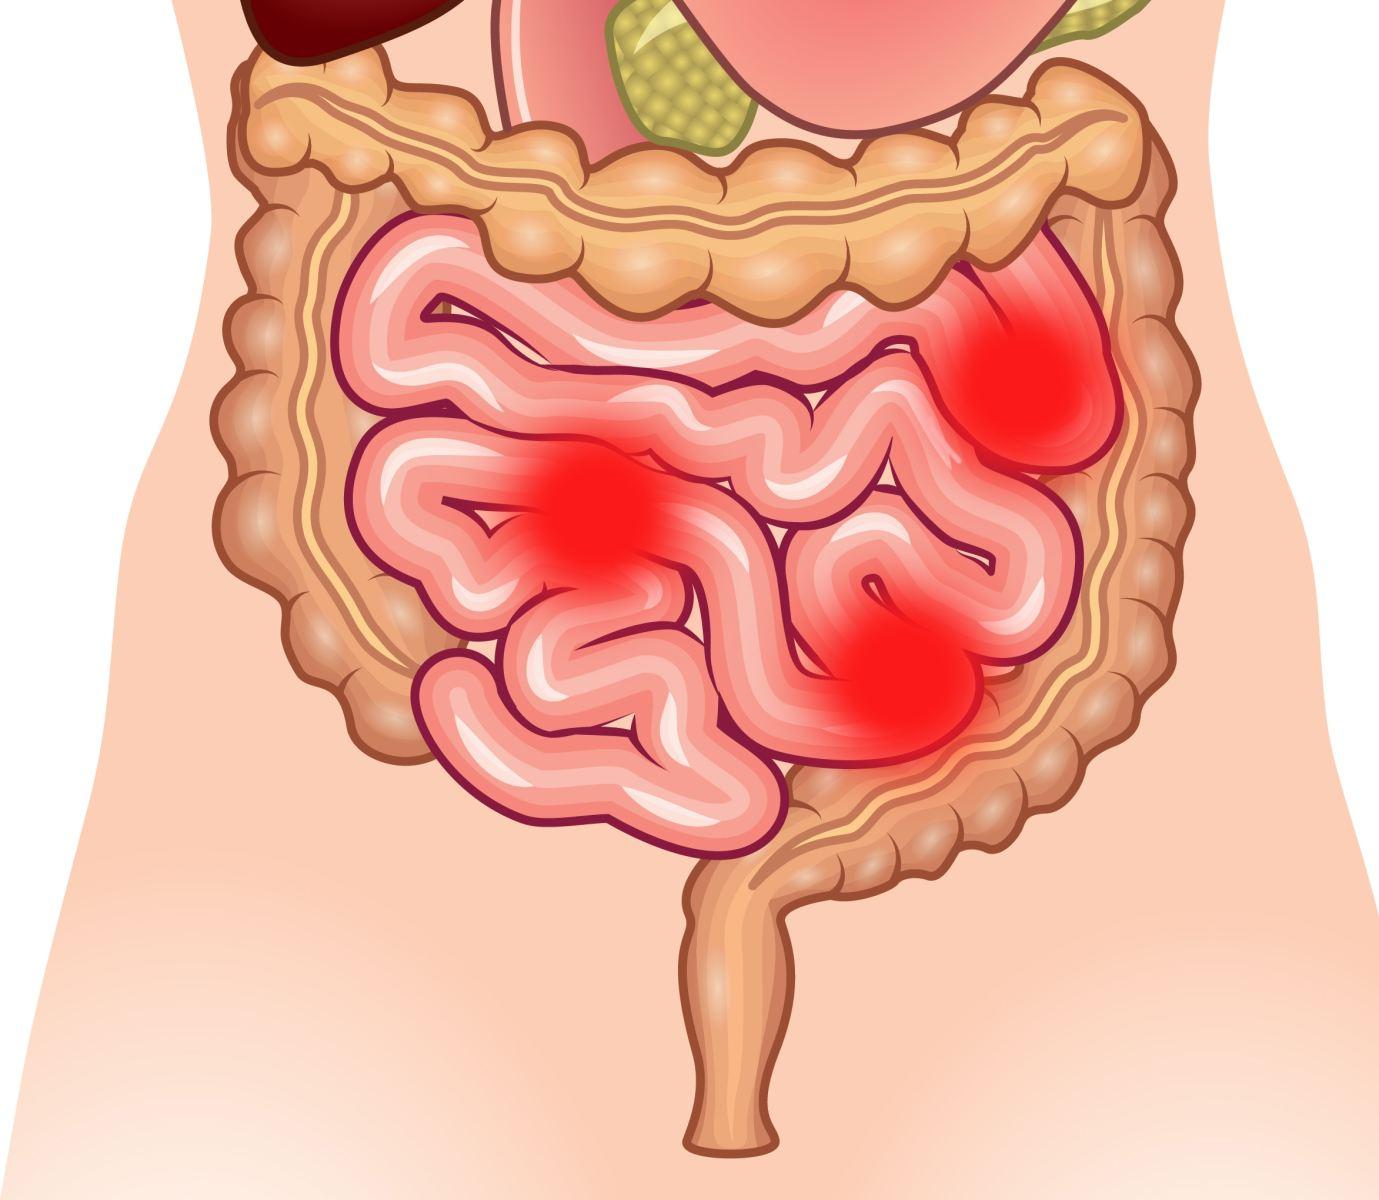 Опухоли тонкой кишки доброкачественные и злокачественные Опухолевые образования